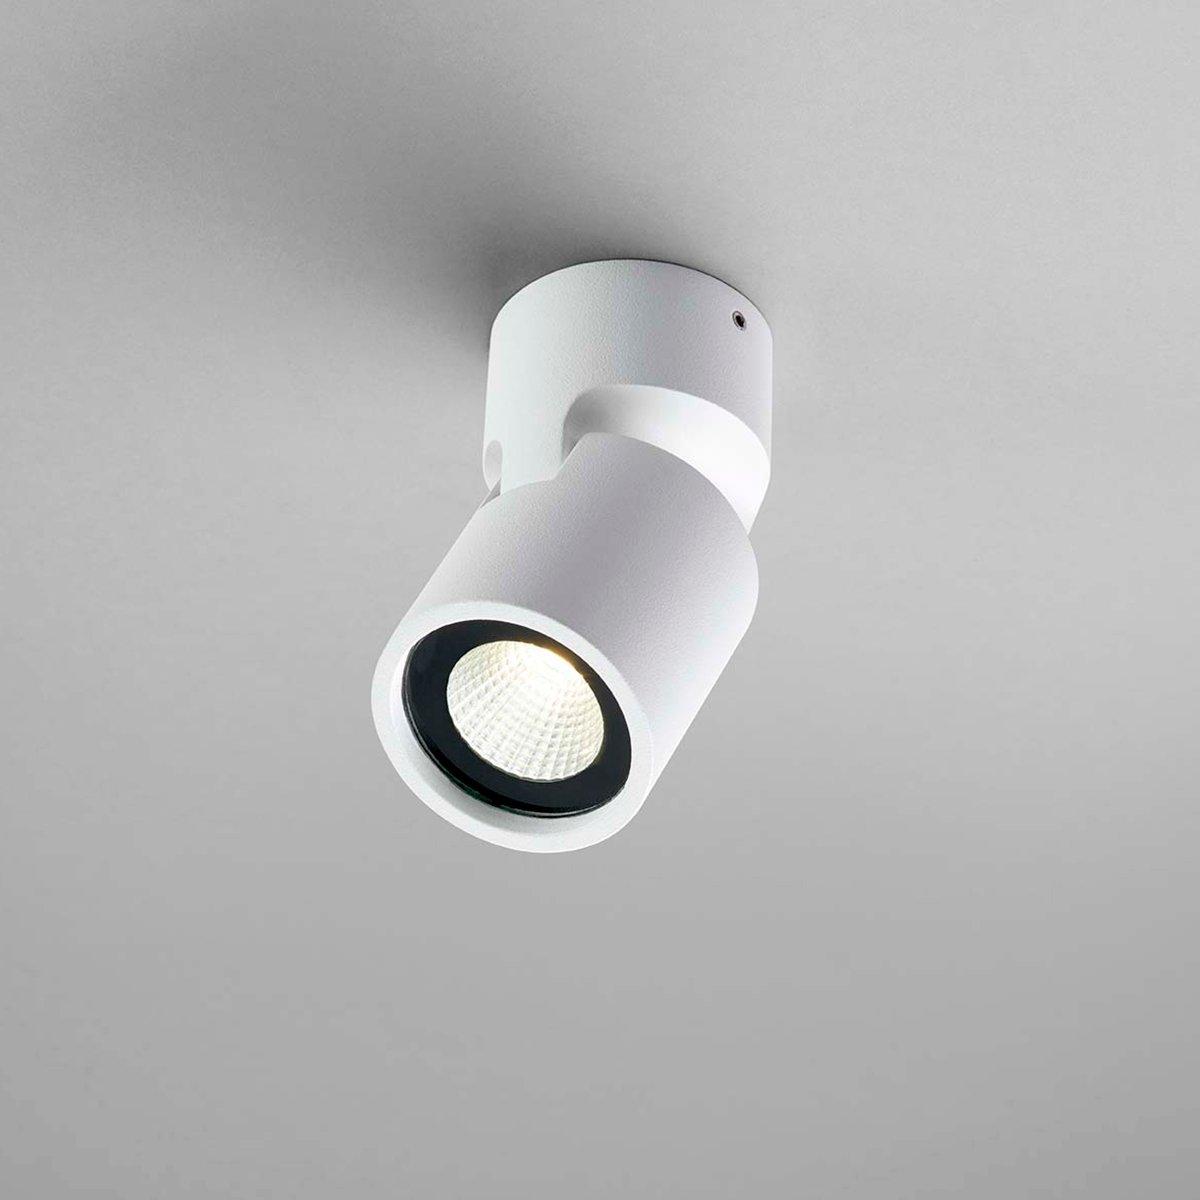 Tip taklampe fra Light-Point